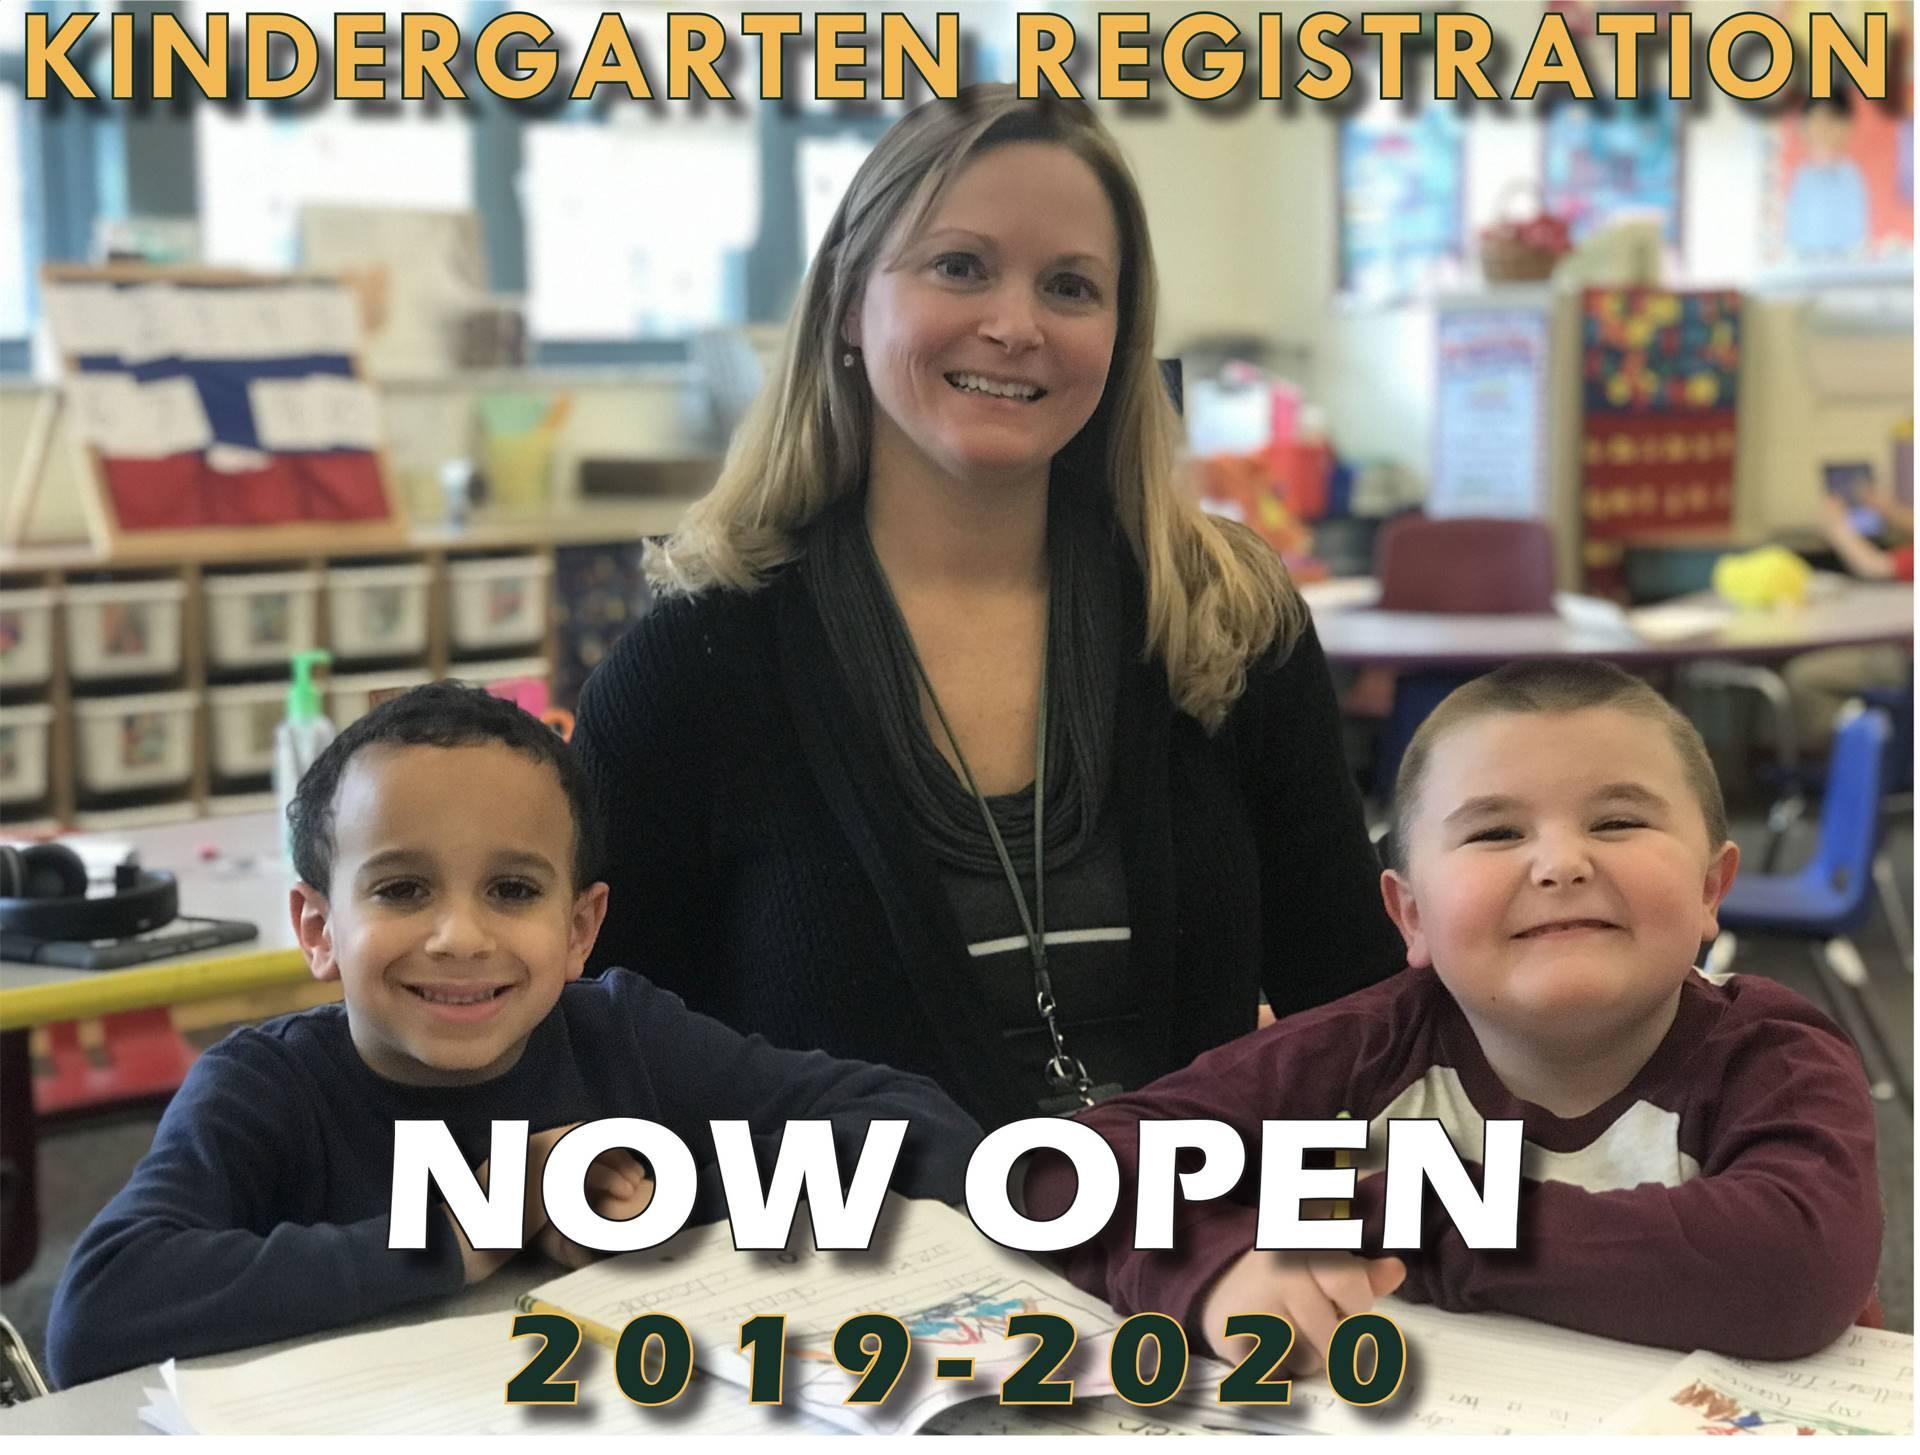 Kindergarten Registration Now Open